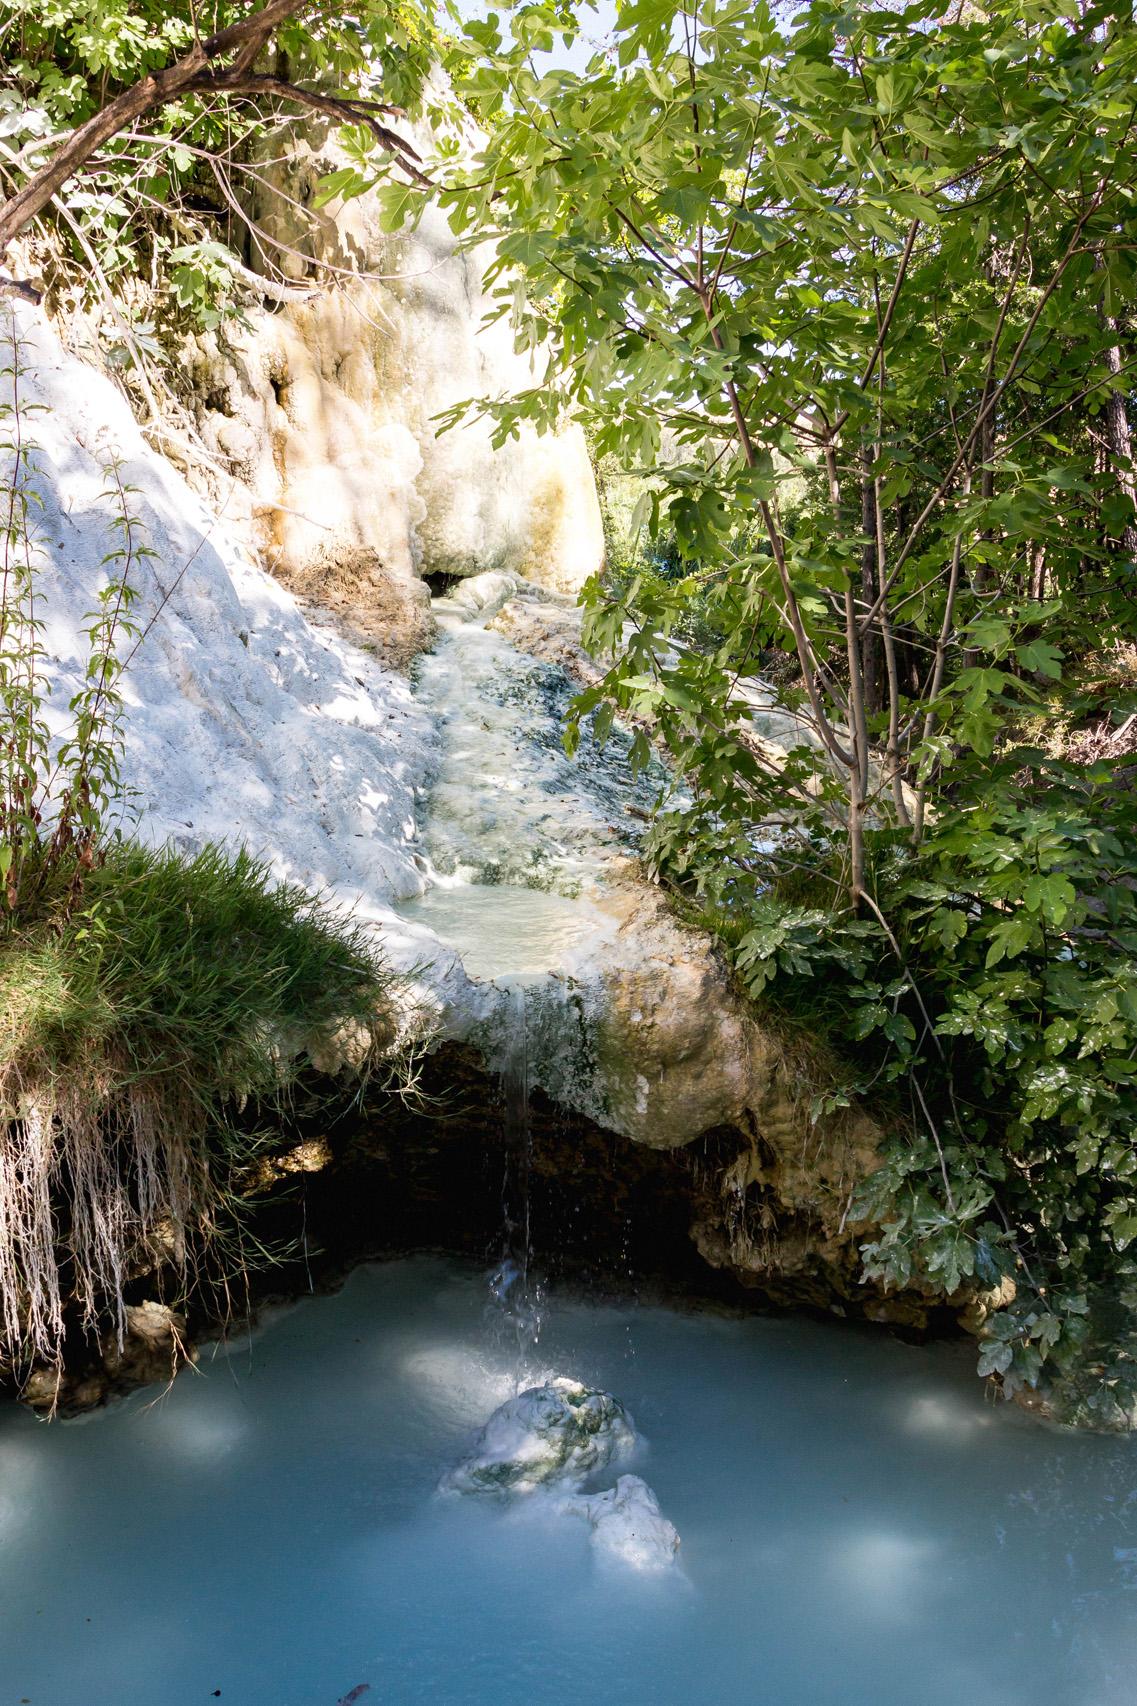 Thermal springs of Bagni San Filippo